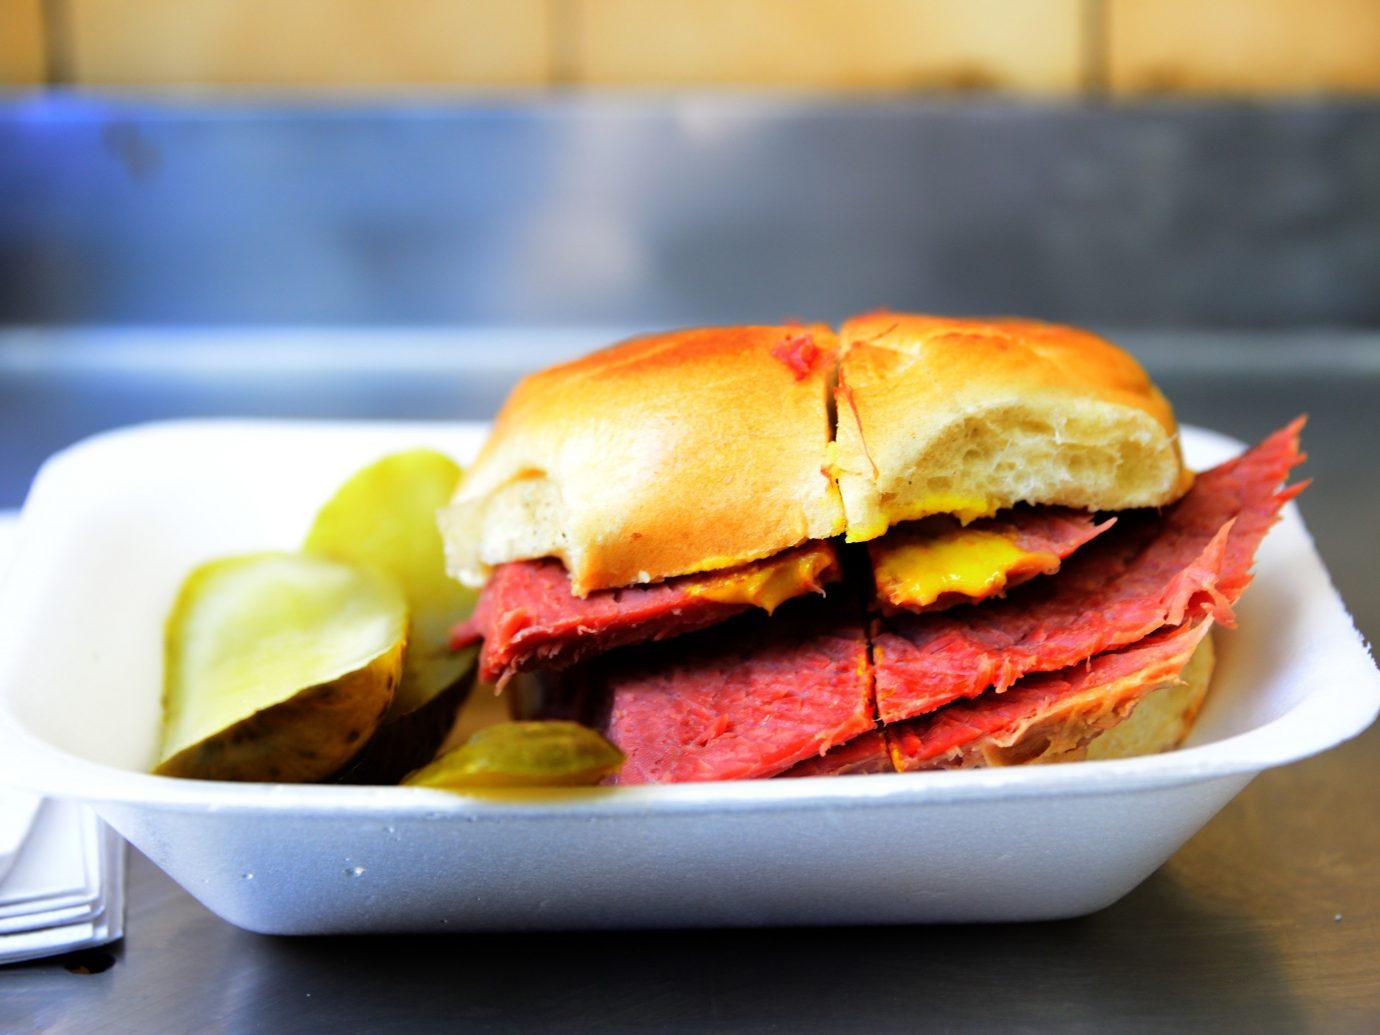 Sandwich in London